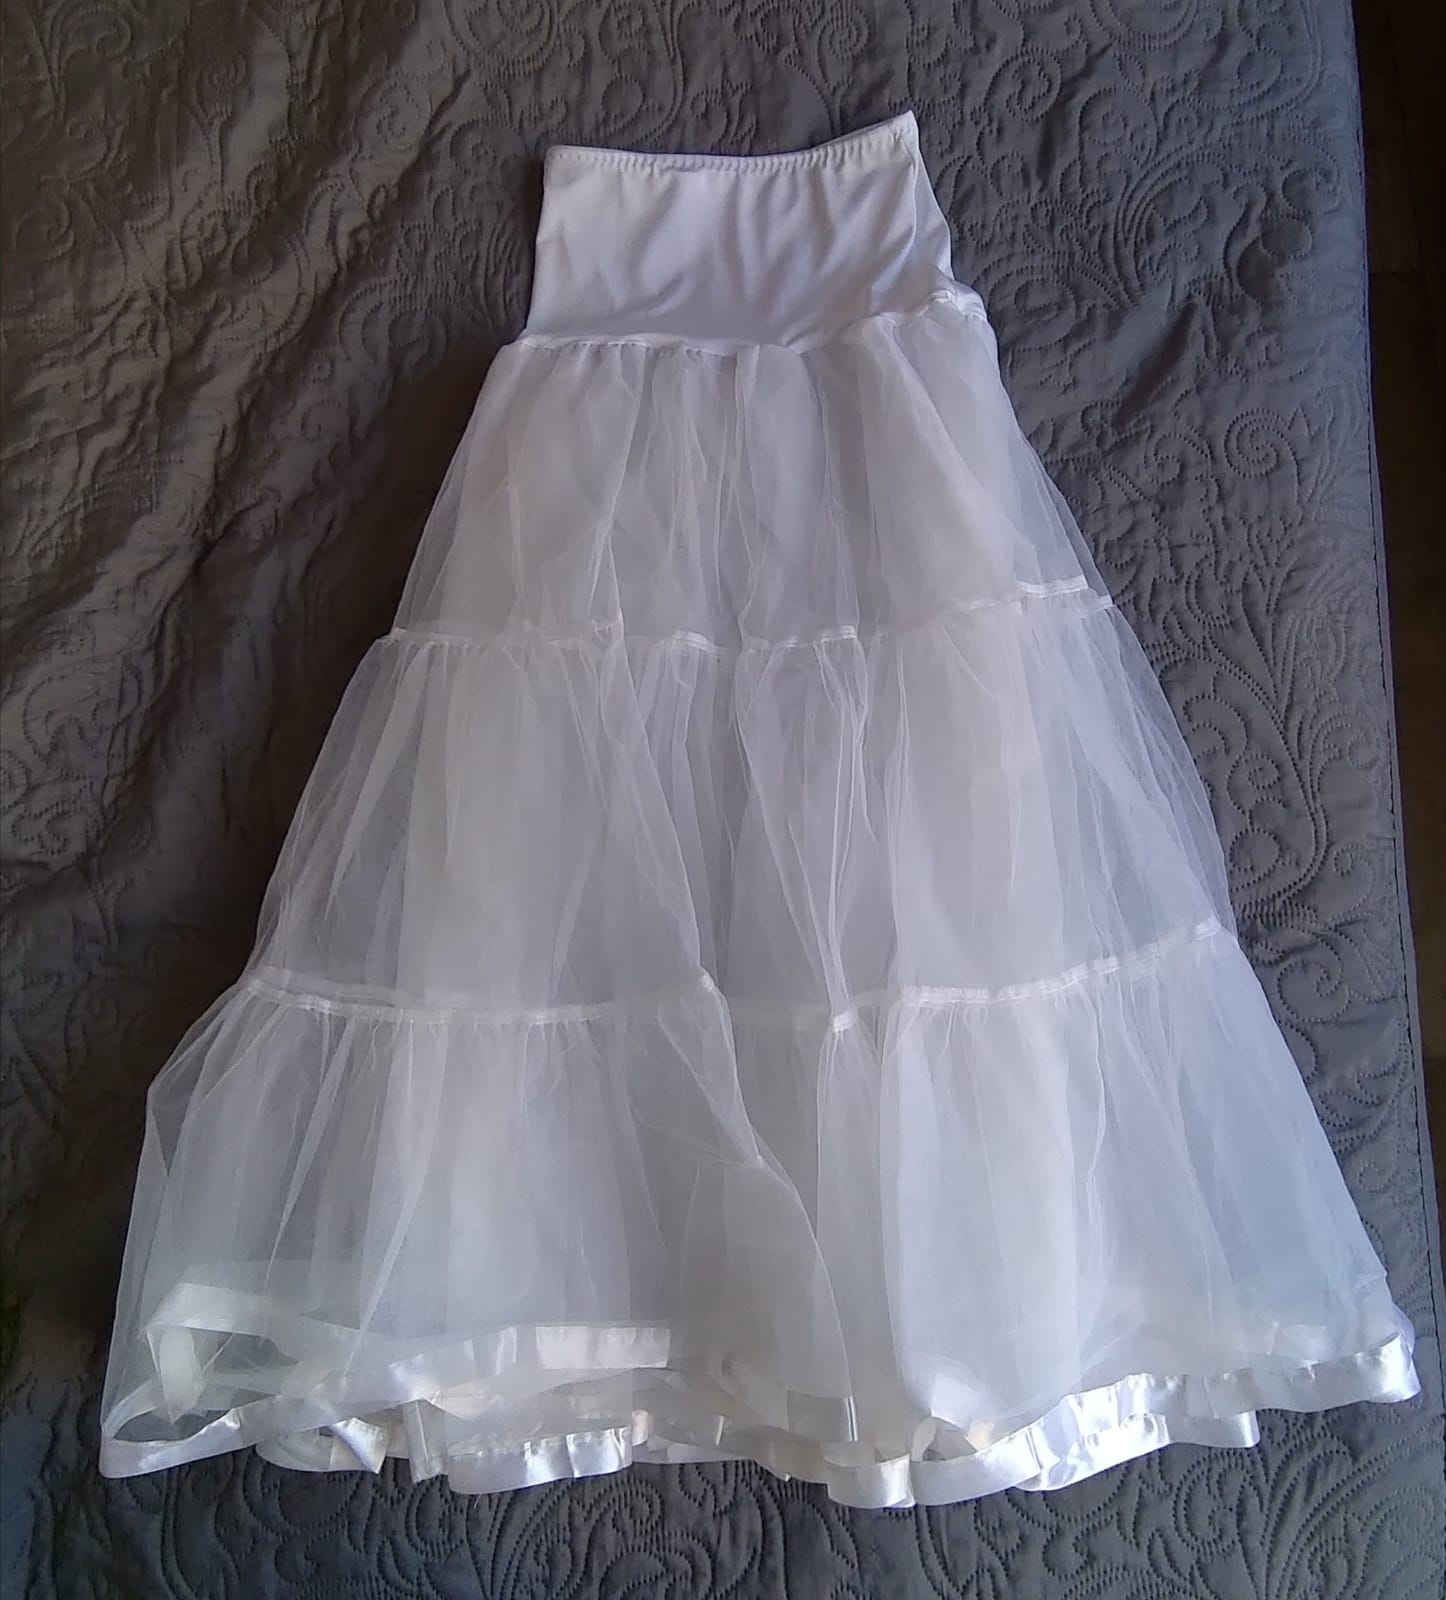 Spodnička dlouhá bílá - Obrázek č. 1